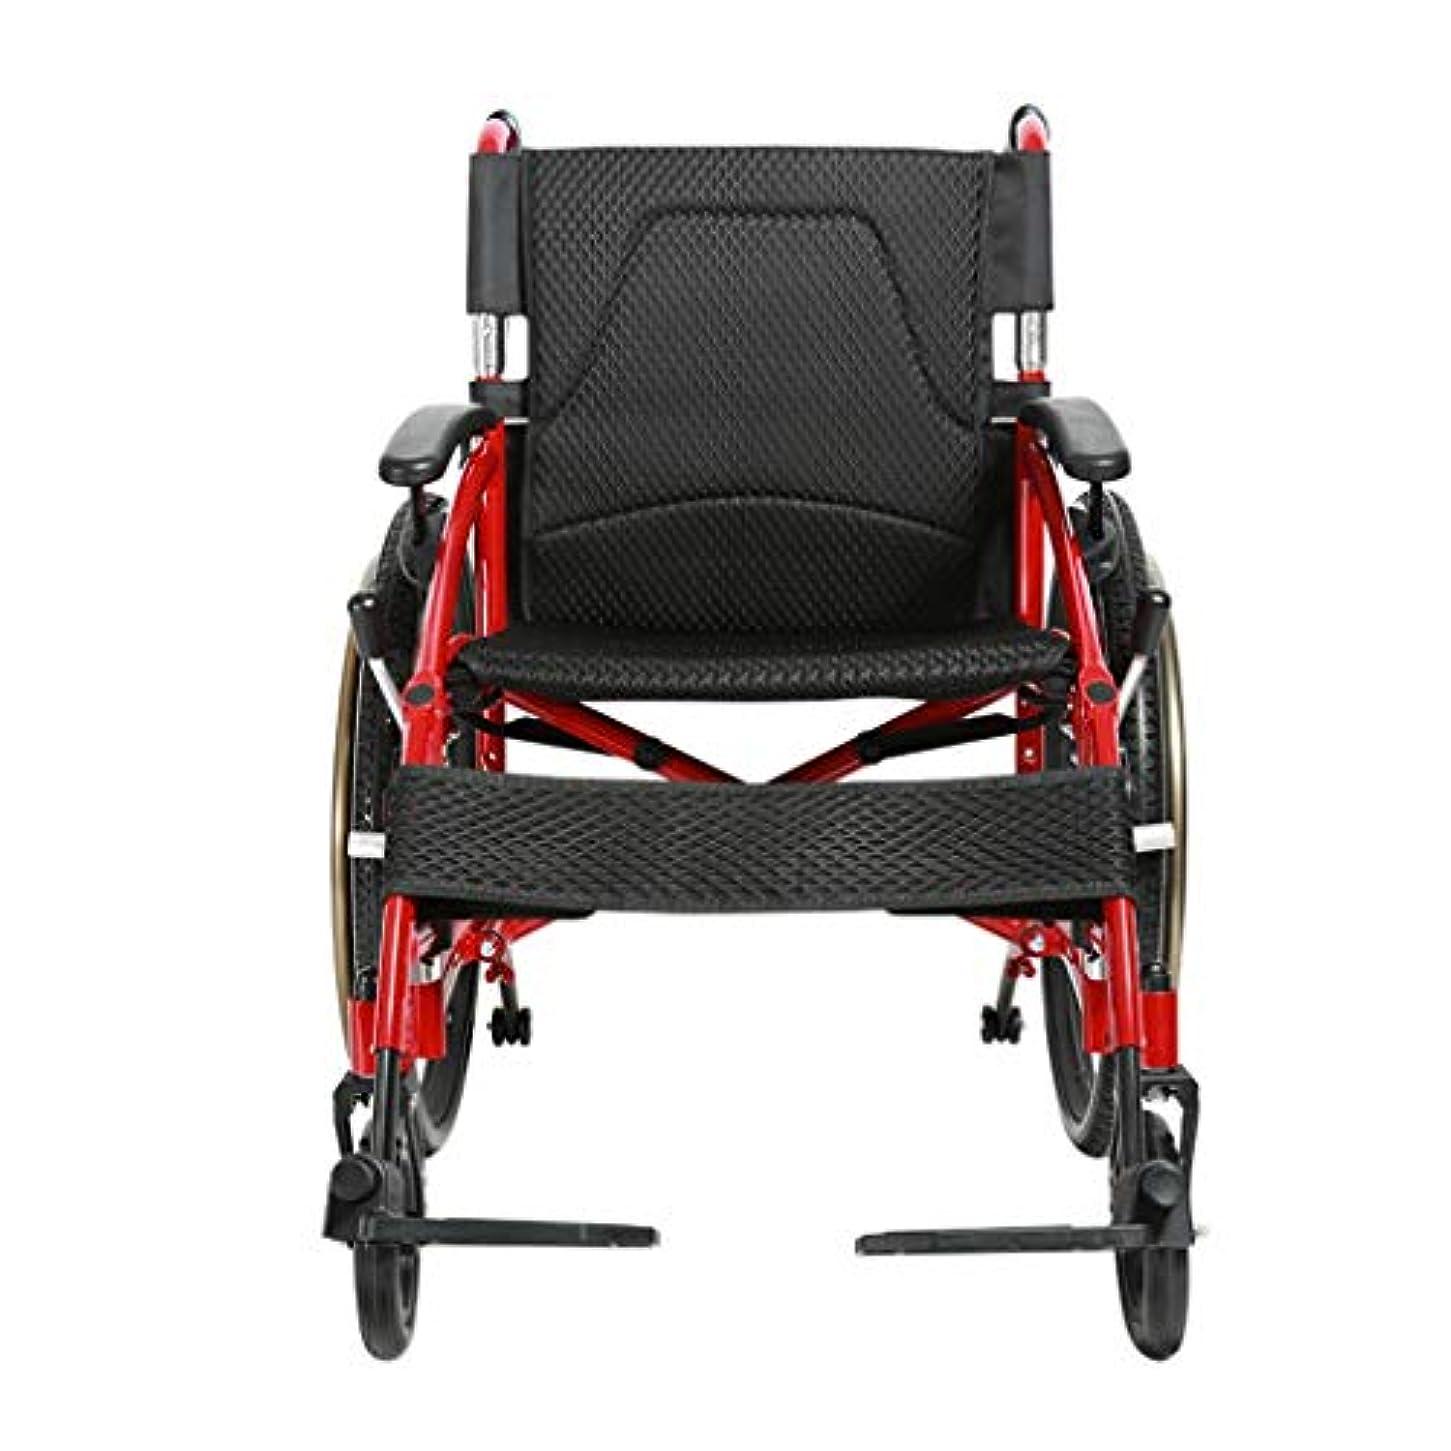 ラッドヤードキップリングアルカトラズ島消える手押し式車椅子、折りたたみ式、手回し式プッシュ式歩行装置、大人および身体障害者用アルミニウム製トラベルスクーターに適しています